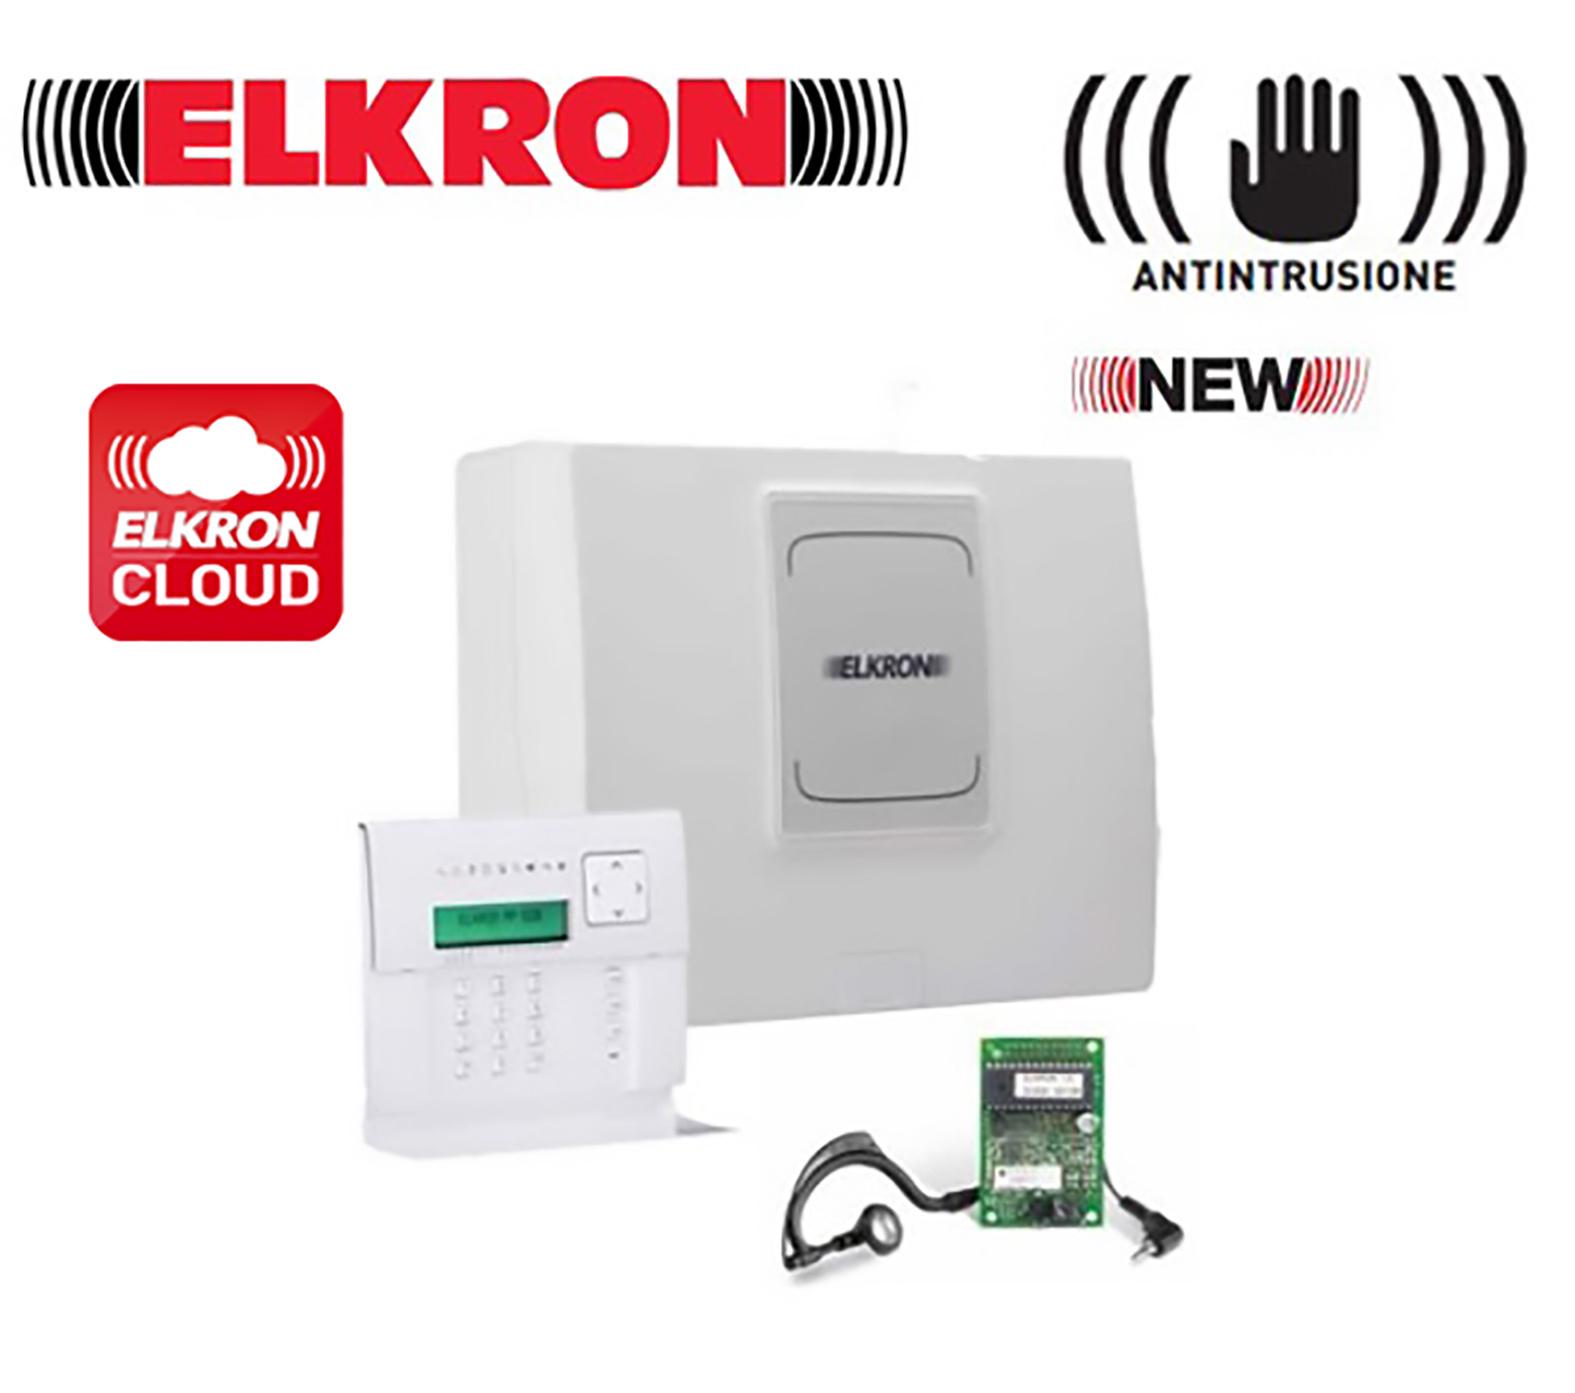 Elkron mp500 kit allarme antifurto con centrale mp500 8 - Prezzo allarme casa ...